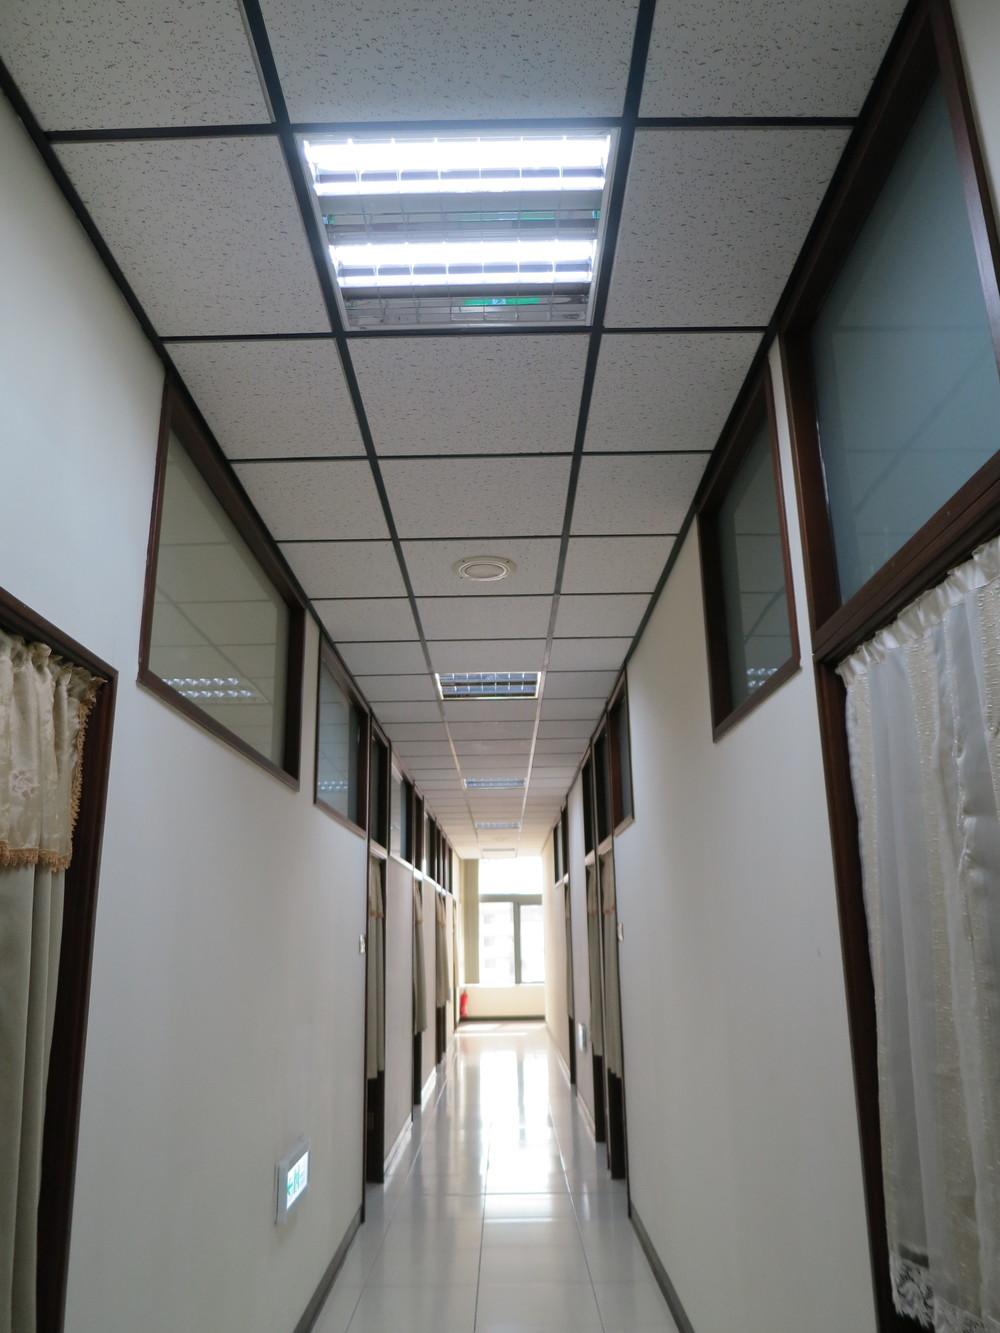 狹長的走廊,僅用幾根LED燈管便能有清晰的照度。.JPG